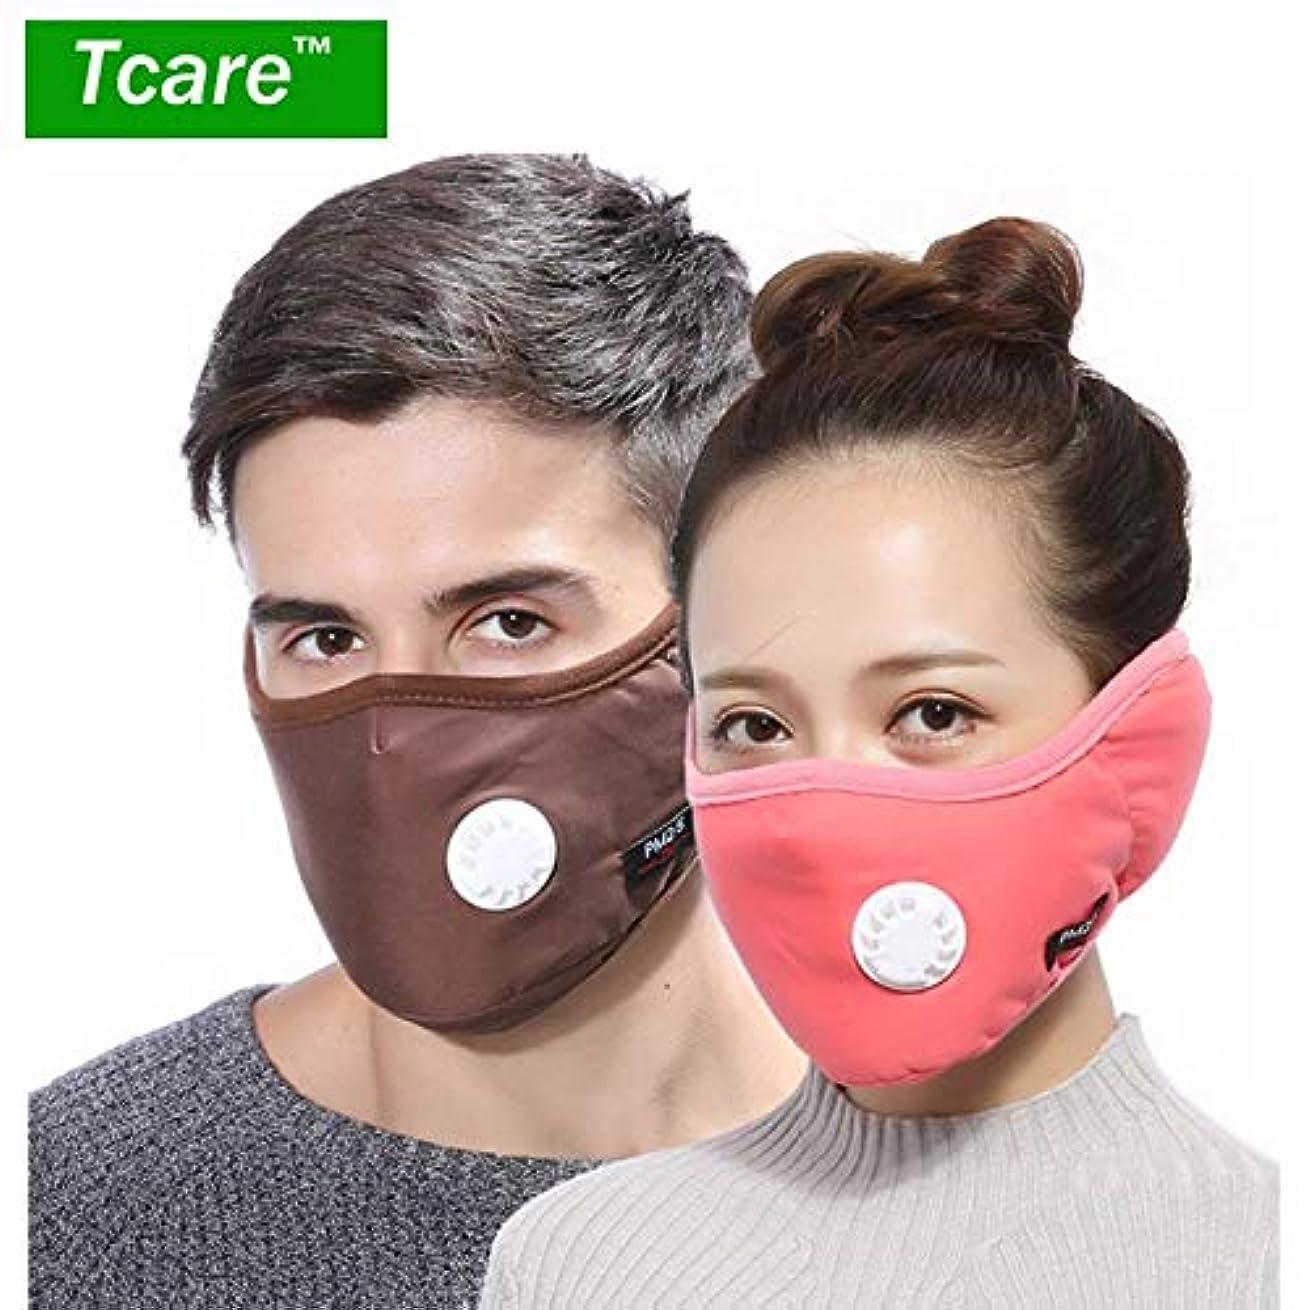 練習したヘルパー瞳1ブラック:1 PM2.5マスクバルブコットンアンチダスト口マスクの冬のイヤーマフActtedフィルター付マスクでTcare 2